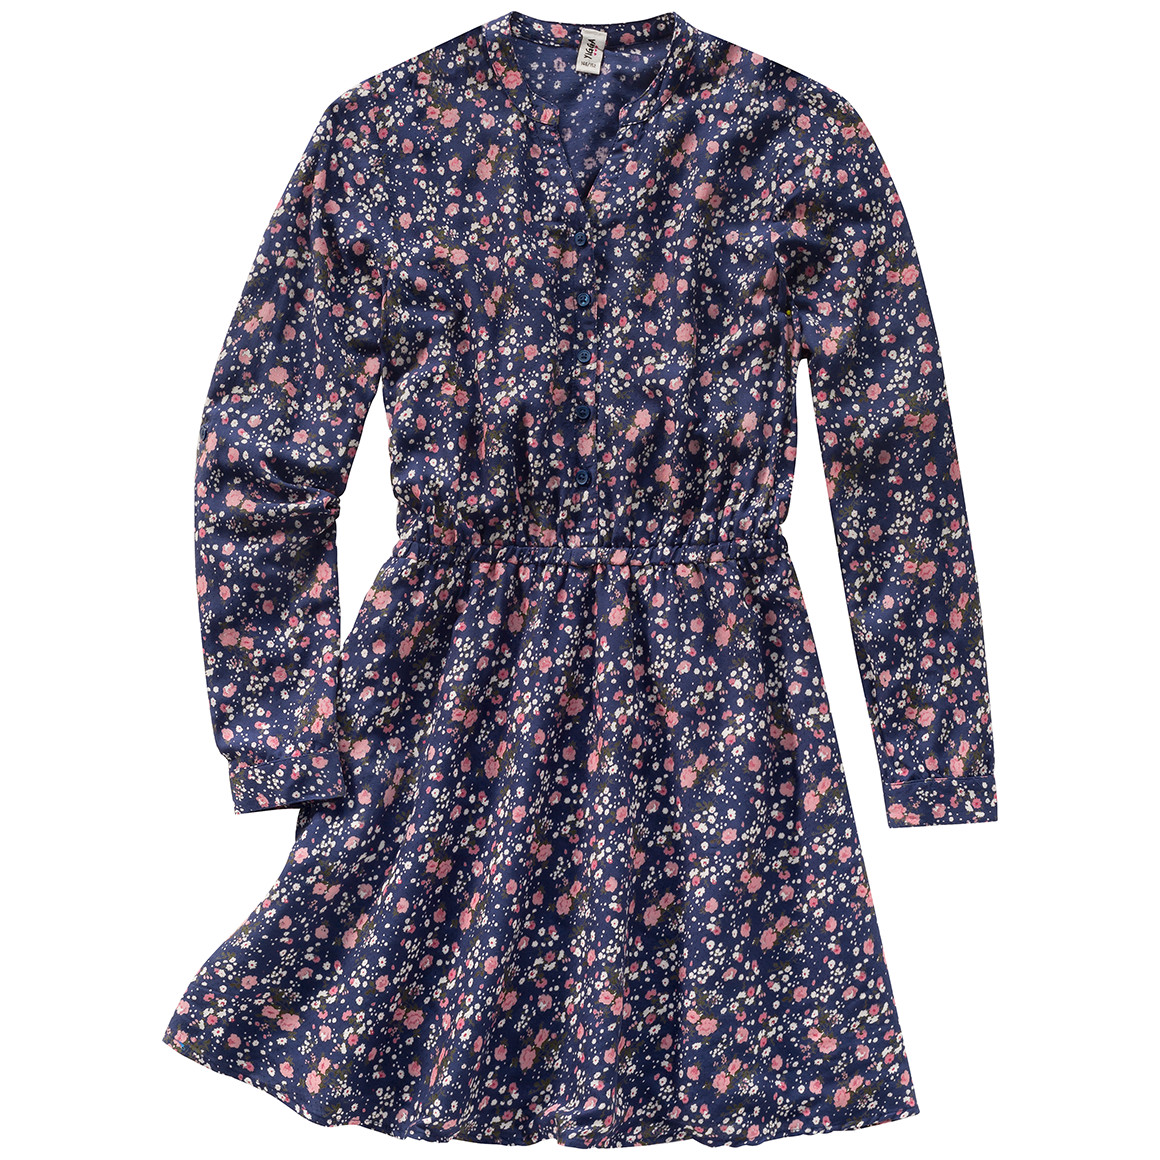 Girlsroeckekleider - Mädchen Kleid im Millefleur Dessin - Onlineshop Ernstings family